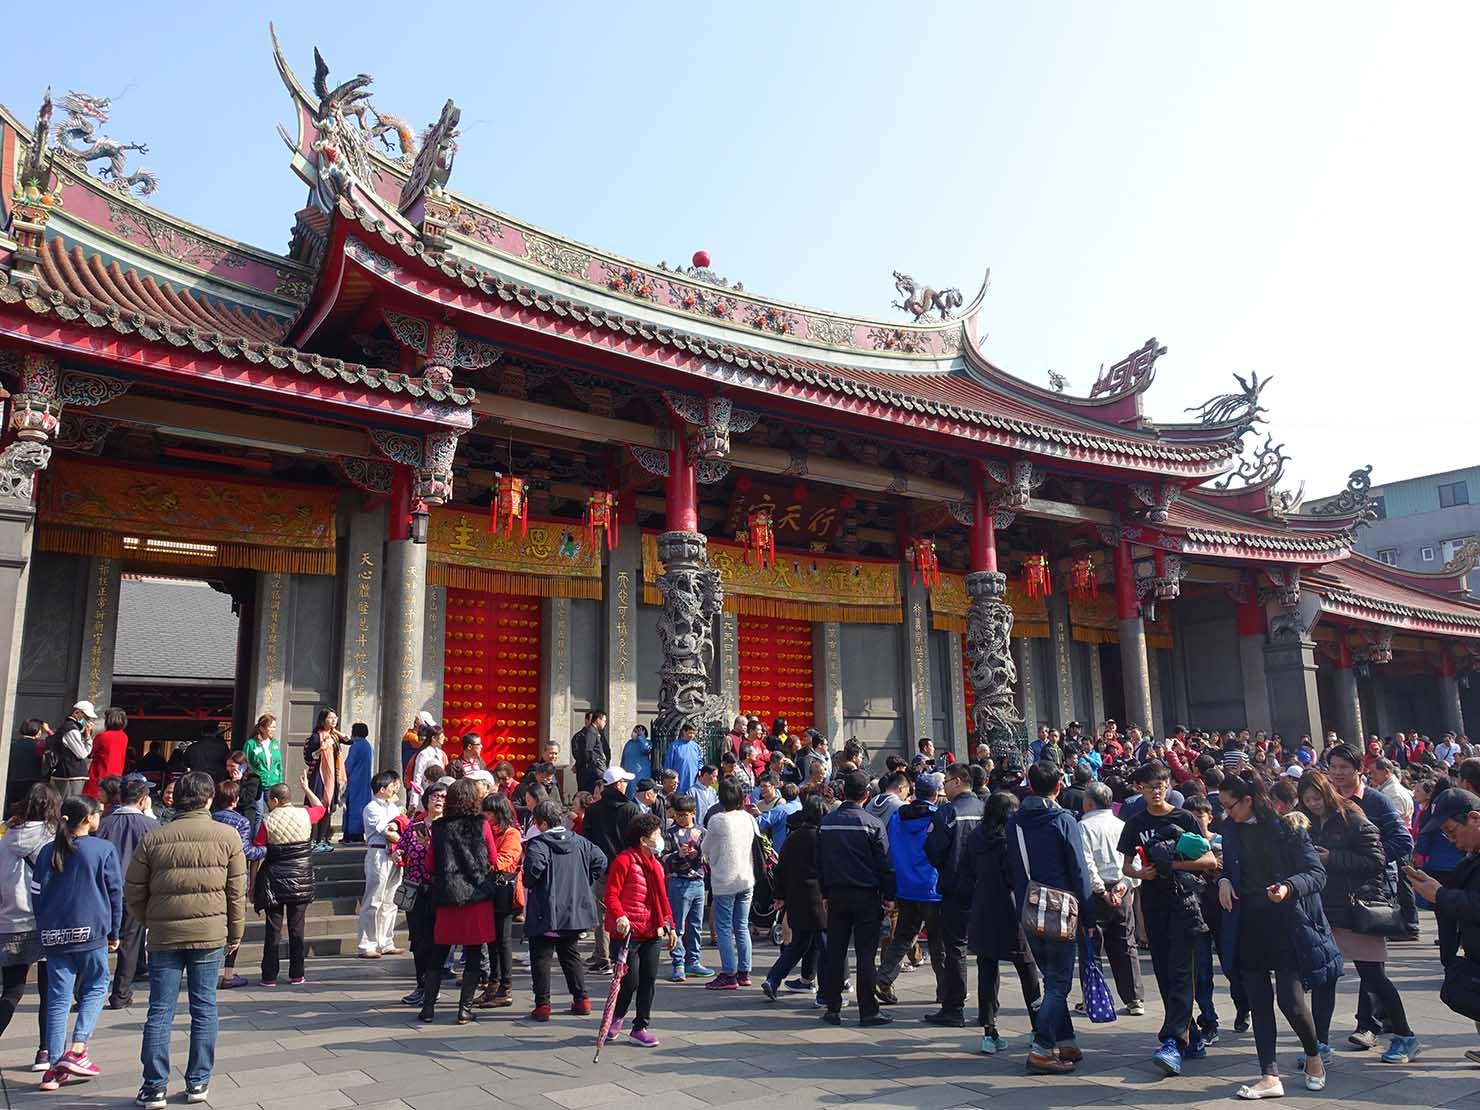 春節(旧正月)を迎えたの台北の観光スポット「行天宮」